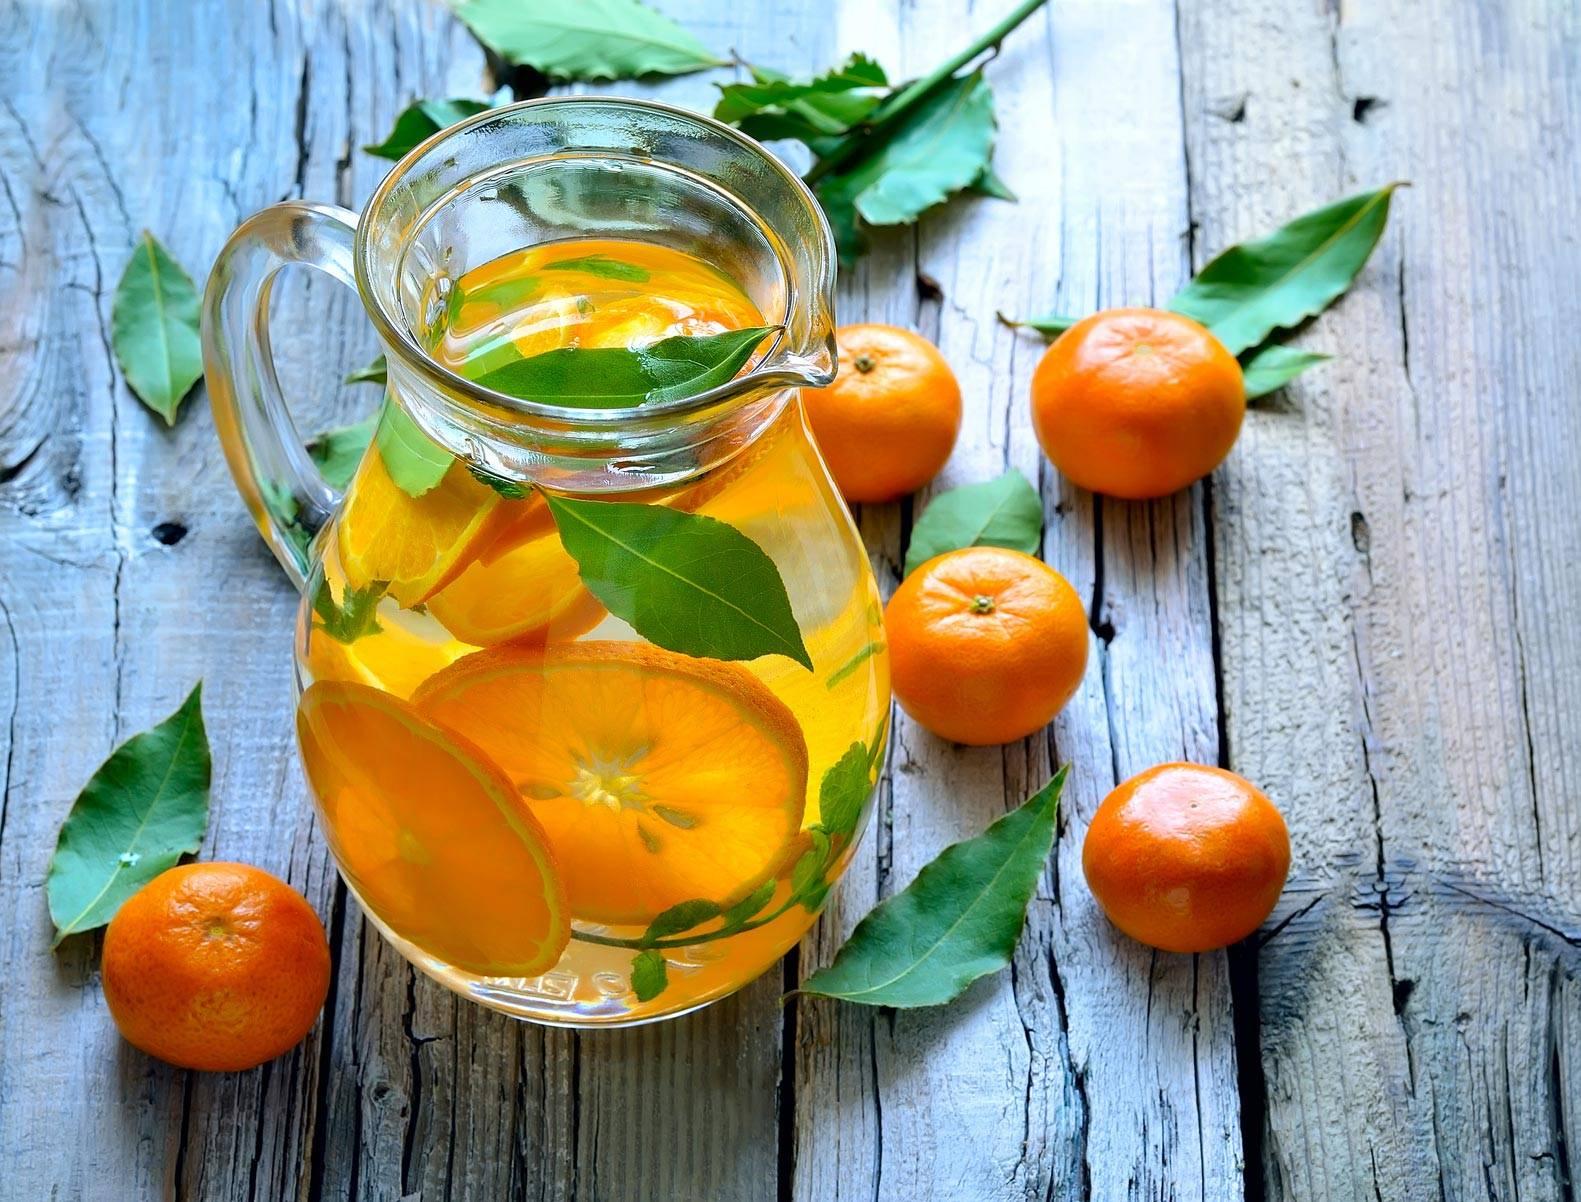 Домашний лимонад из апельсинов - 7 рецептов приготовления с фото